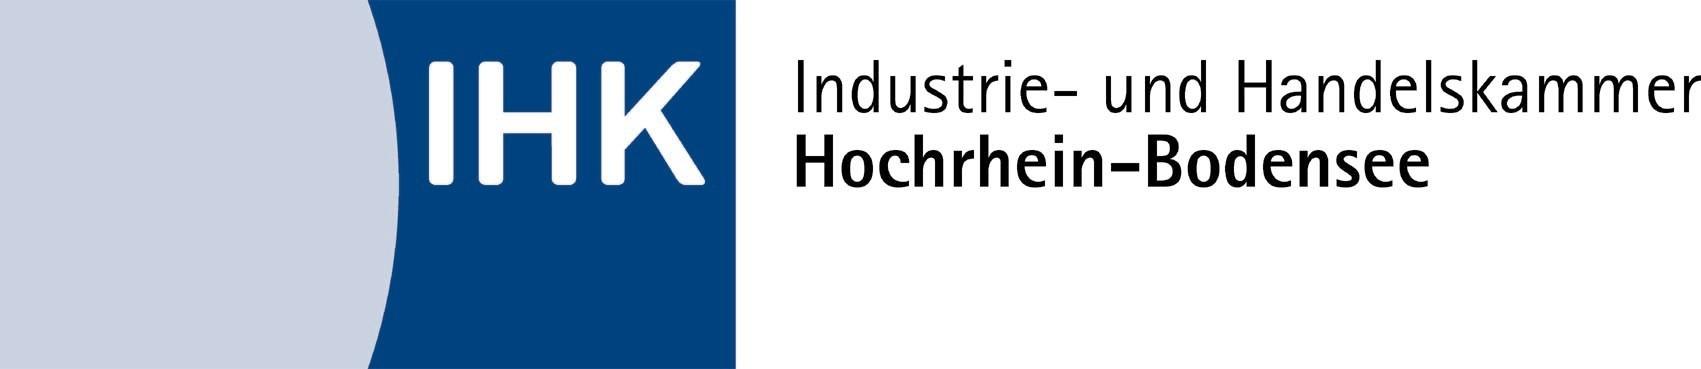 IHK_Hochrhein_Bodensee